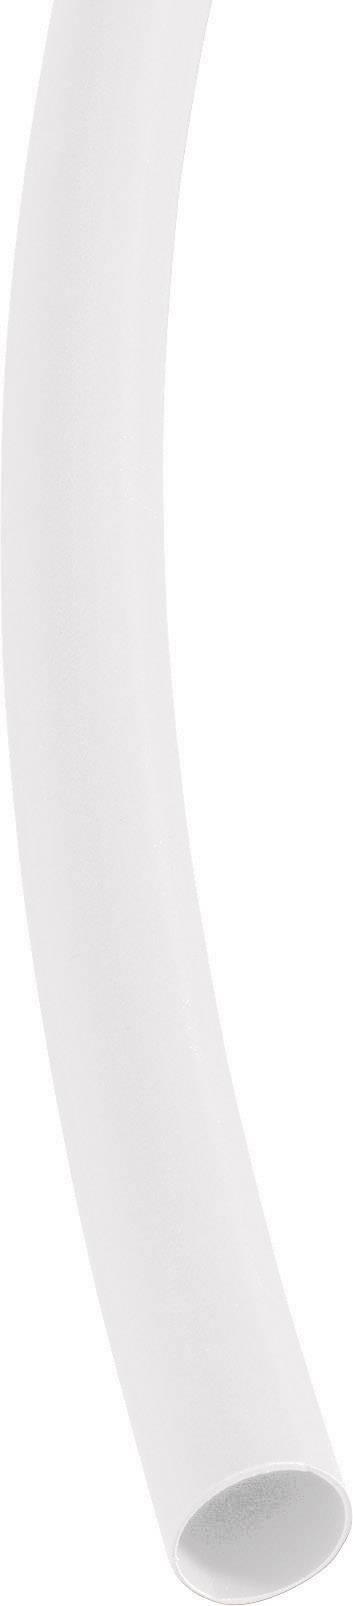 Zmršťovacia bužírka bez lepidla DSG Canusa DERAY-I3000 3290060903, 3:1, 6.40 mm, biela, metrový tovar